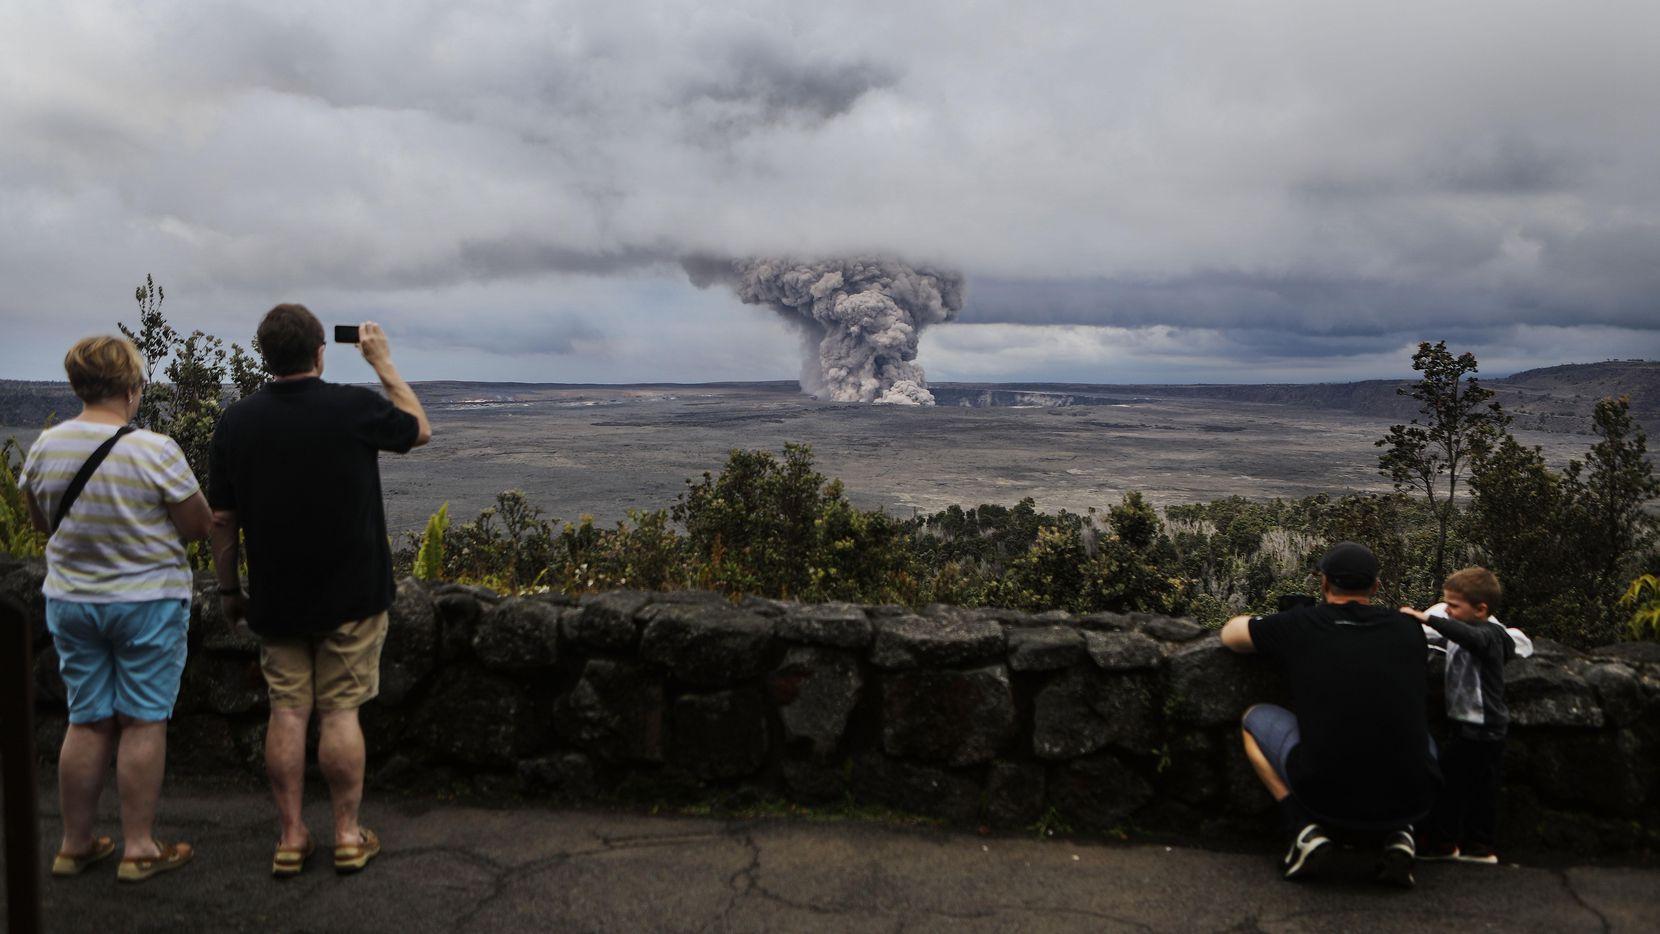 El volcan Kilauea en el Hawaii Volcanoes National Park emite gases tóxicos desde hace semanas.(GETTY IMAGES)